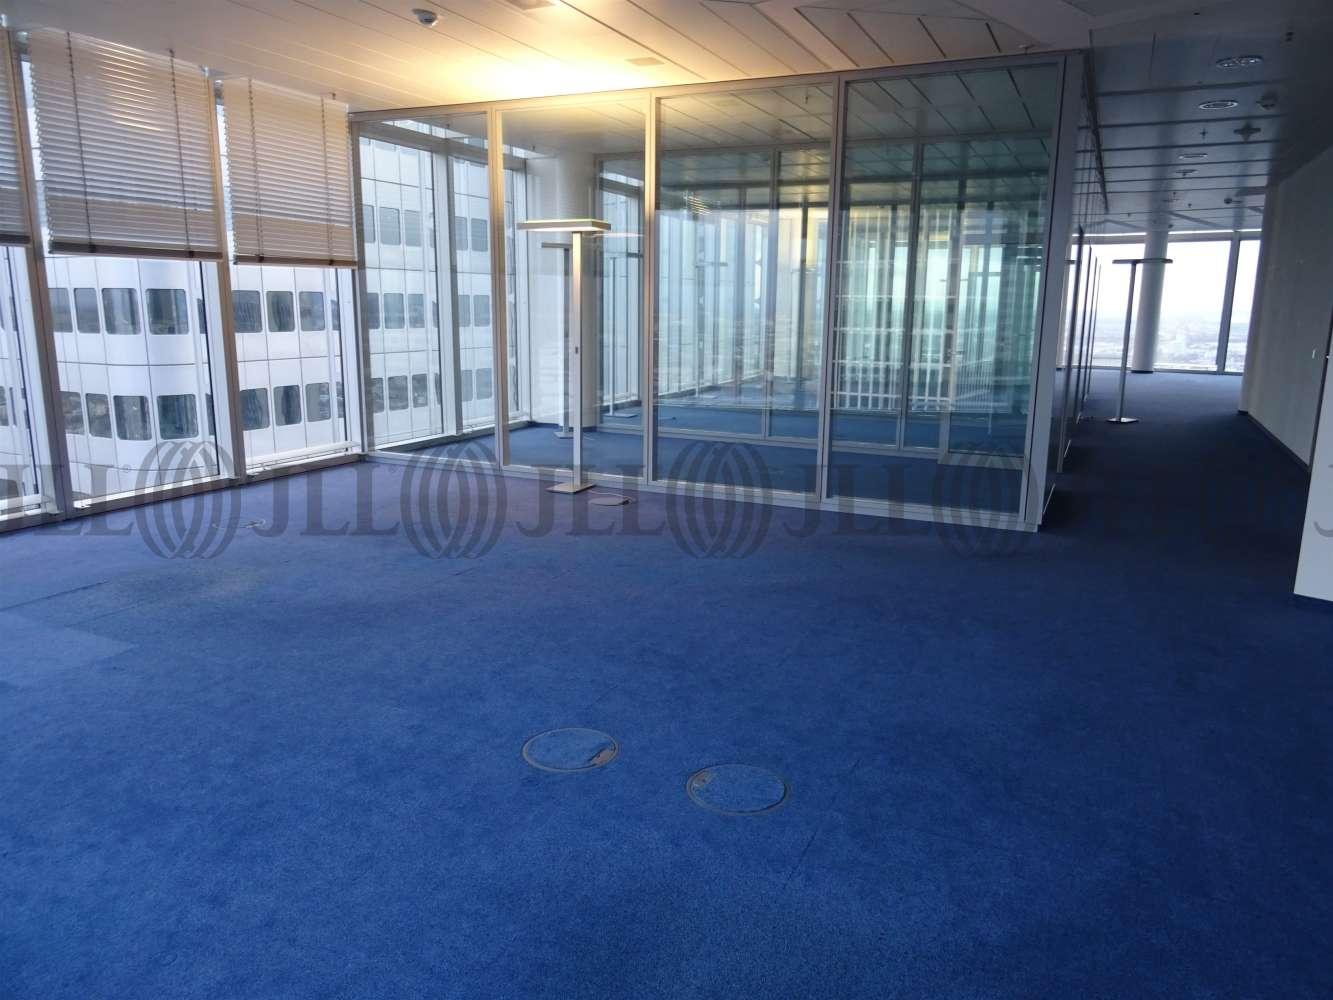 Büros Frankfurt am main, 60329 - Büro - Frankfurt am Main, Innenstadt - F0983 - 10873403